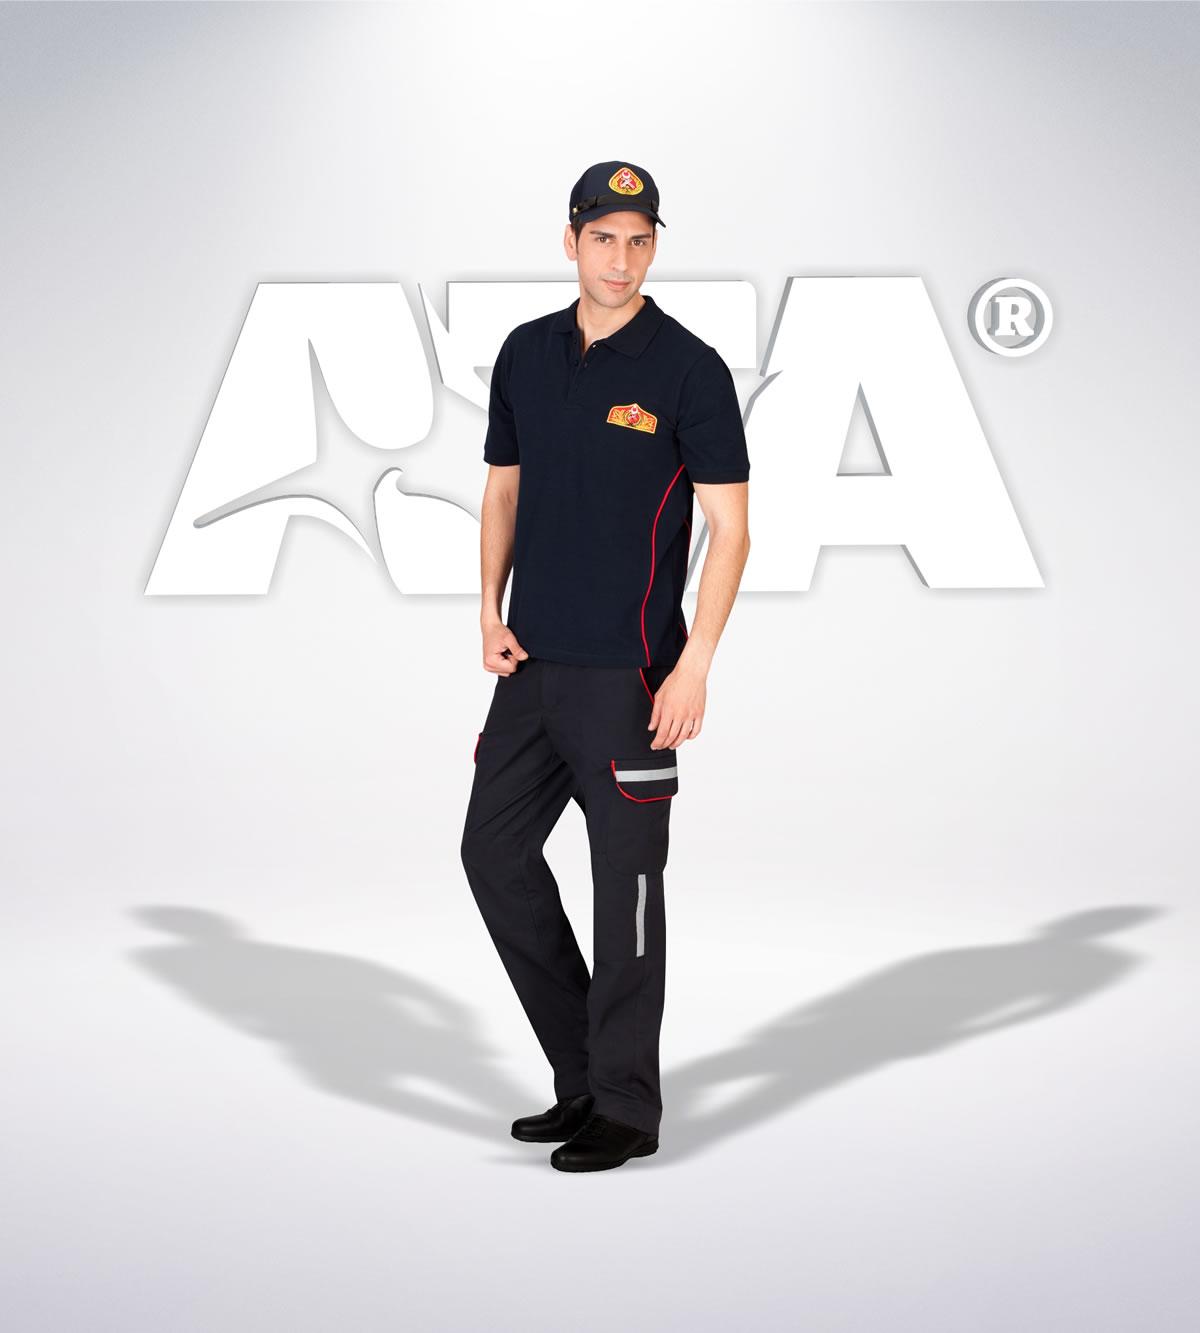 ATA 303 - Ribstop kumaş pantolon - t shirt - aksesuar - itfaiye elbiseleri | itfaiye üniformaları | itfaiye kıyafetleri